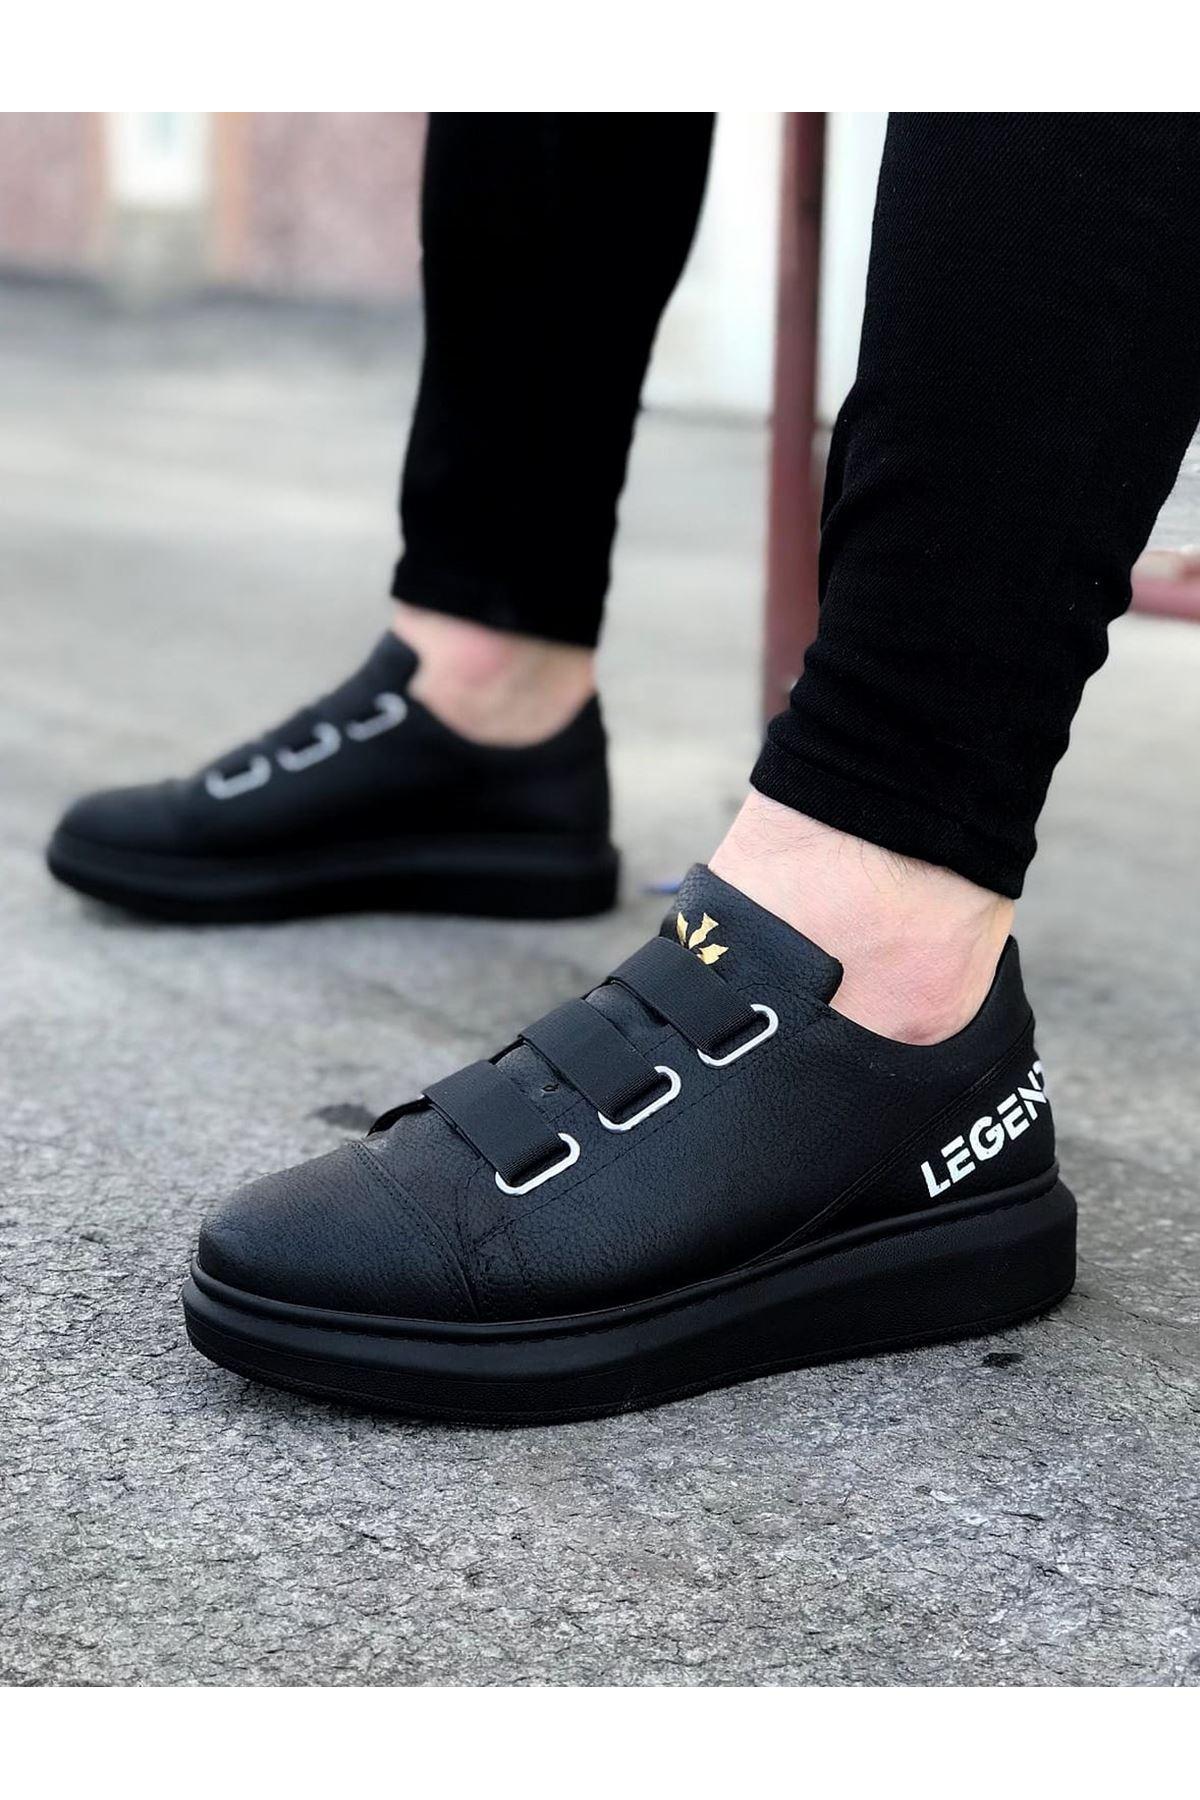 Wagoon WG029 3 Bant Legend Kömür Kalın Taban Casual Erkek Ayakkabı